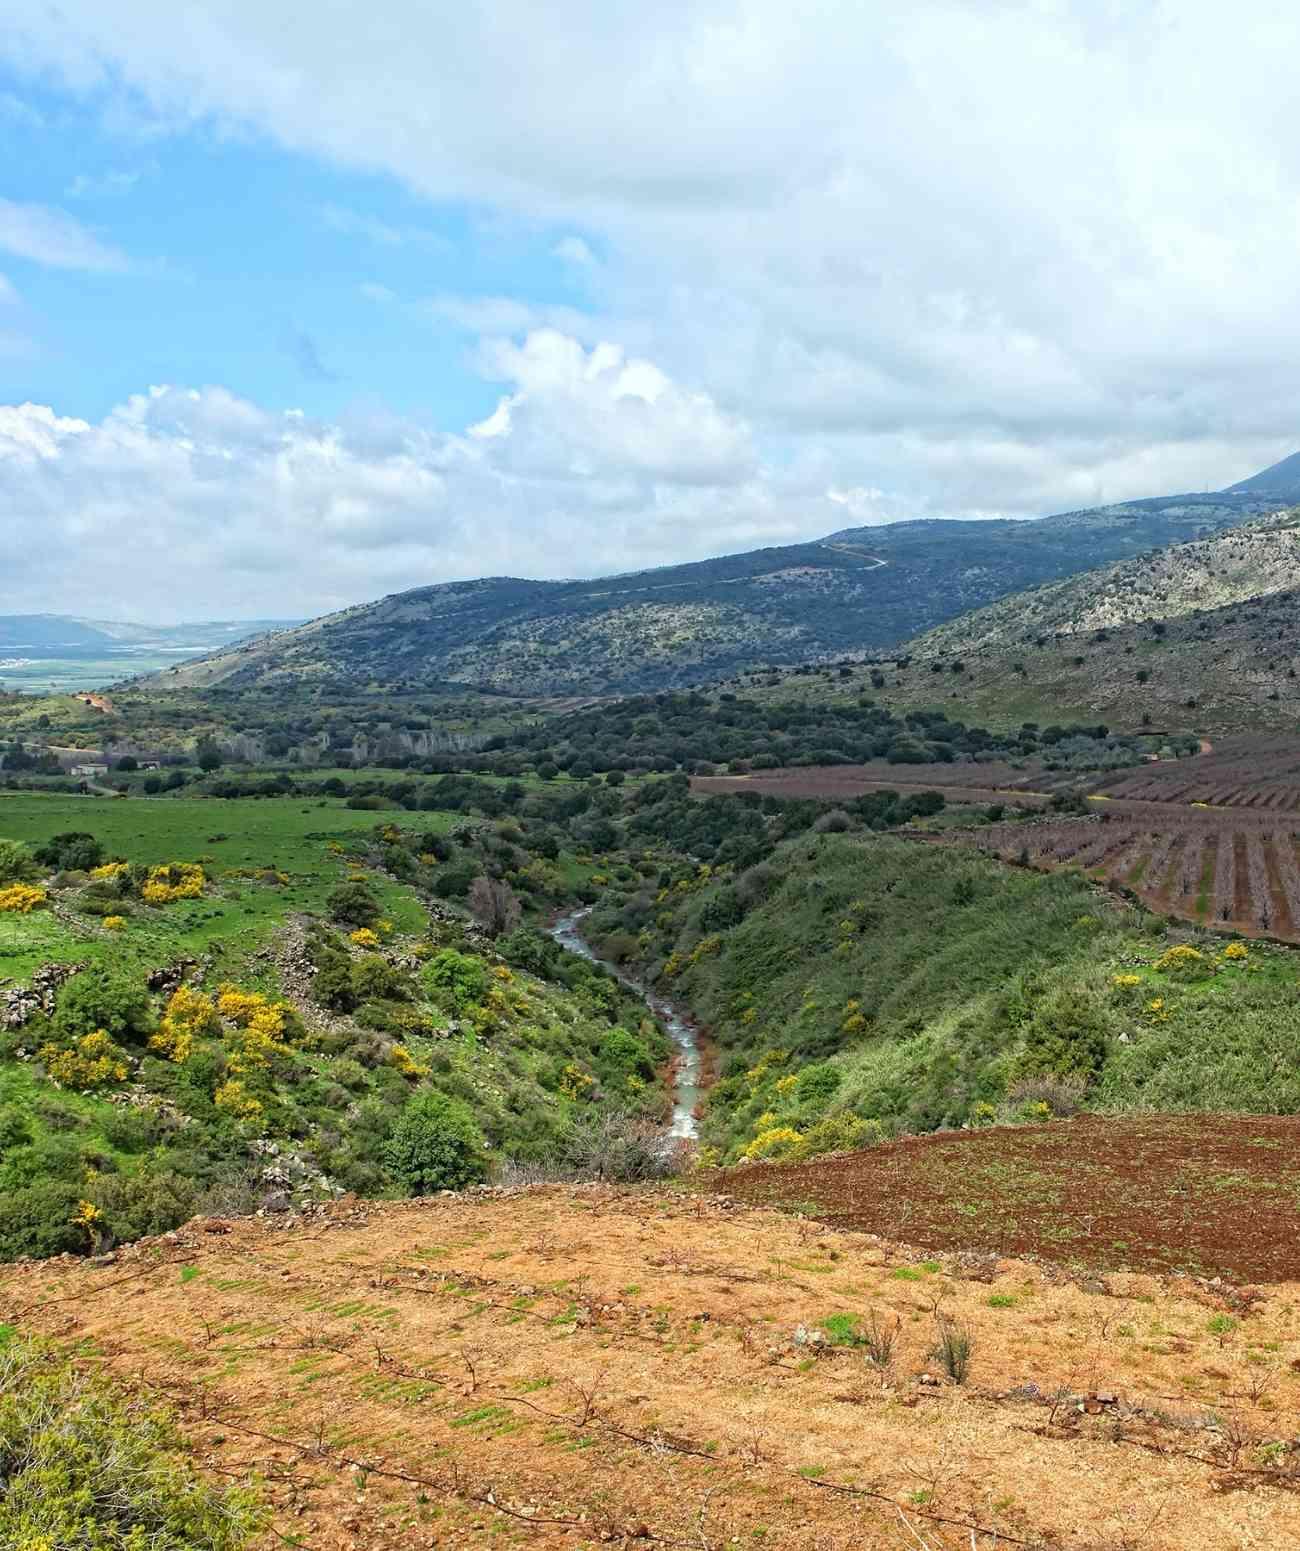 戈兰高地:让我们抛开争议,看看以色列葡萄酒之乡的真正美景